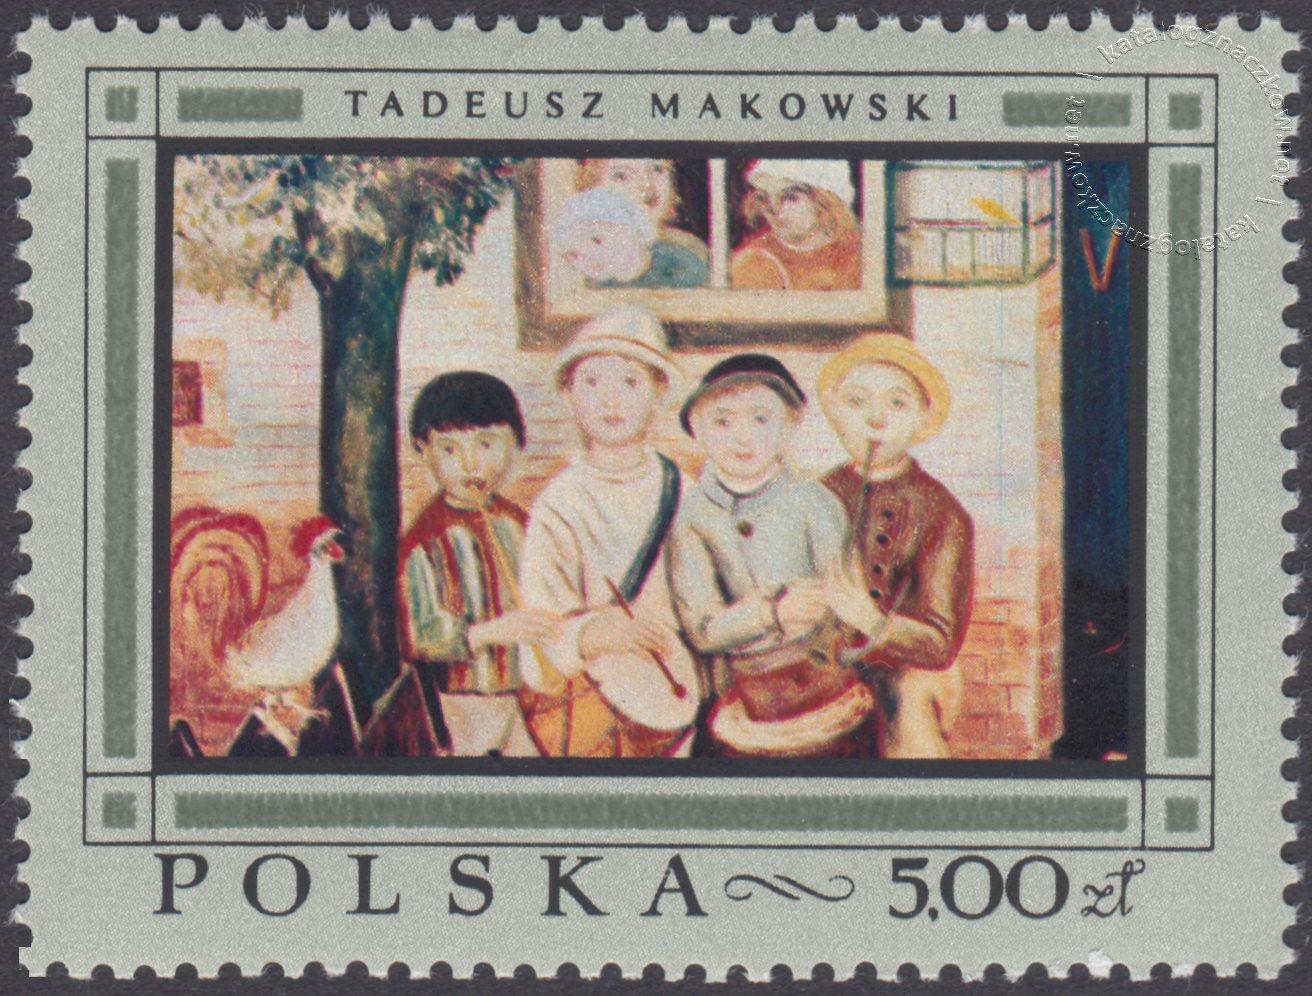 Malarstwo polskie znaczek nr 1723